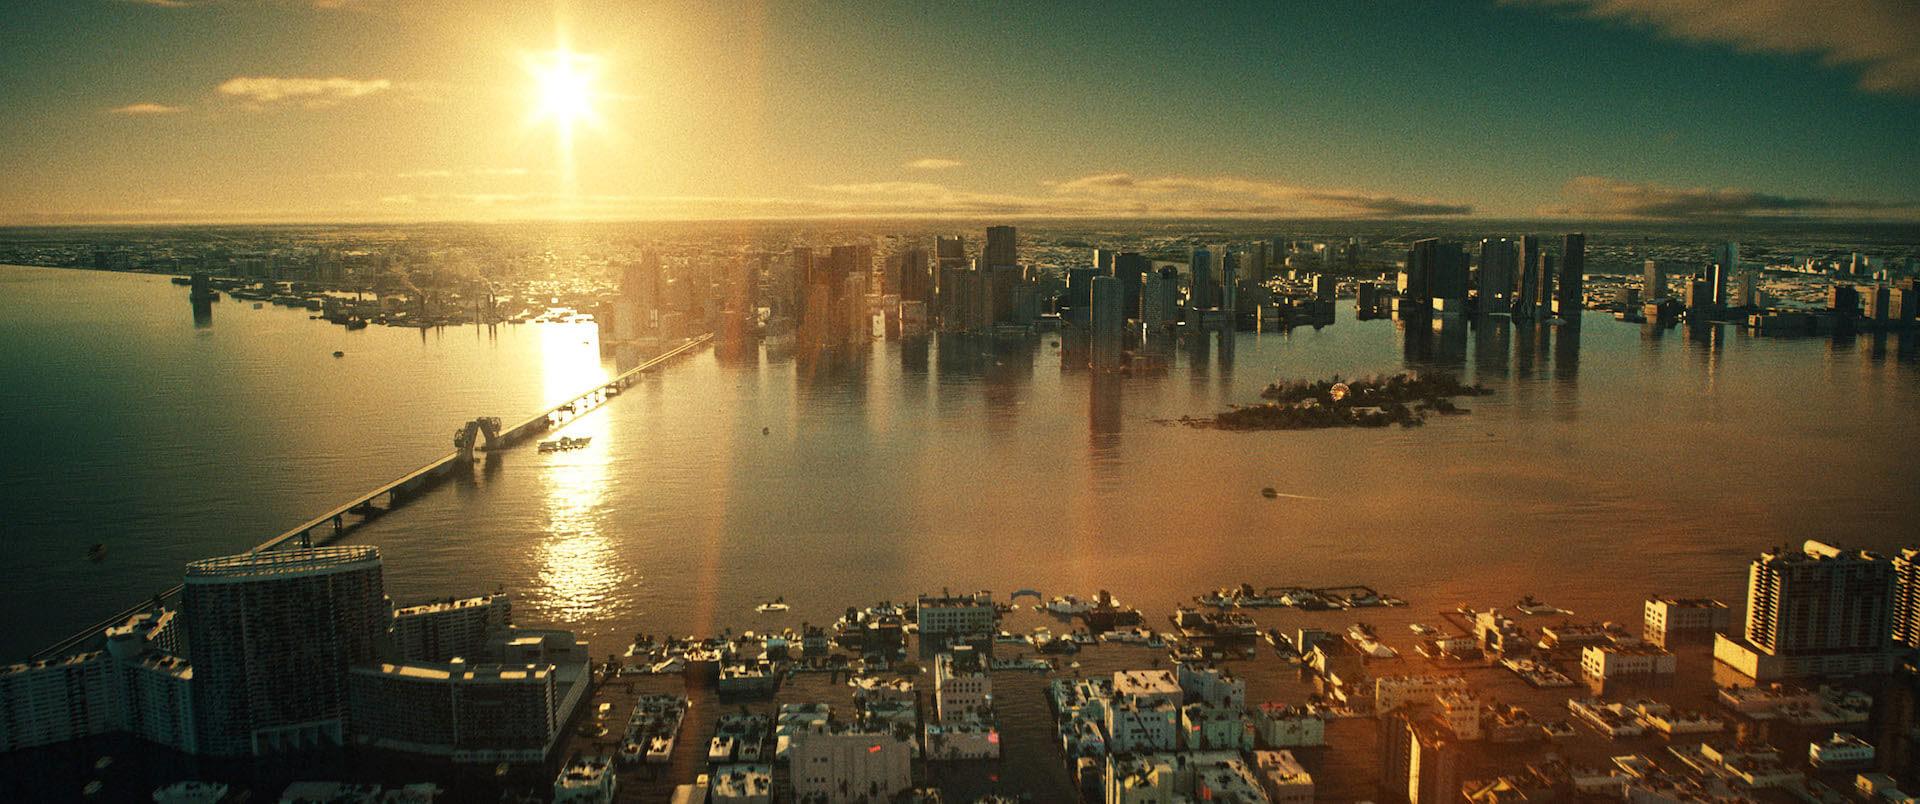 リサ・ジョイが幻想的な水没都市を描き出す!ヒュー・ジャックマン主演『レミニセンス』のメイキング映像が解禁 film210915_reminiscence_3